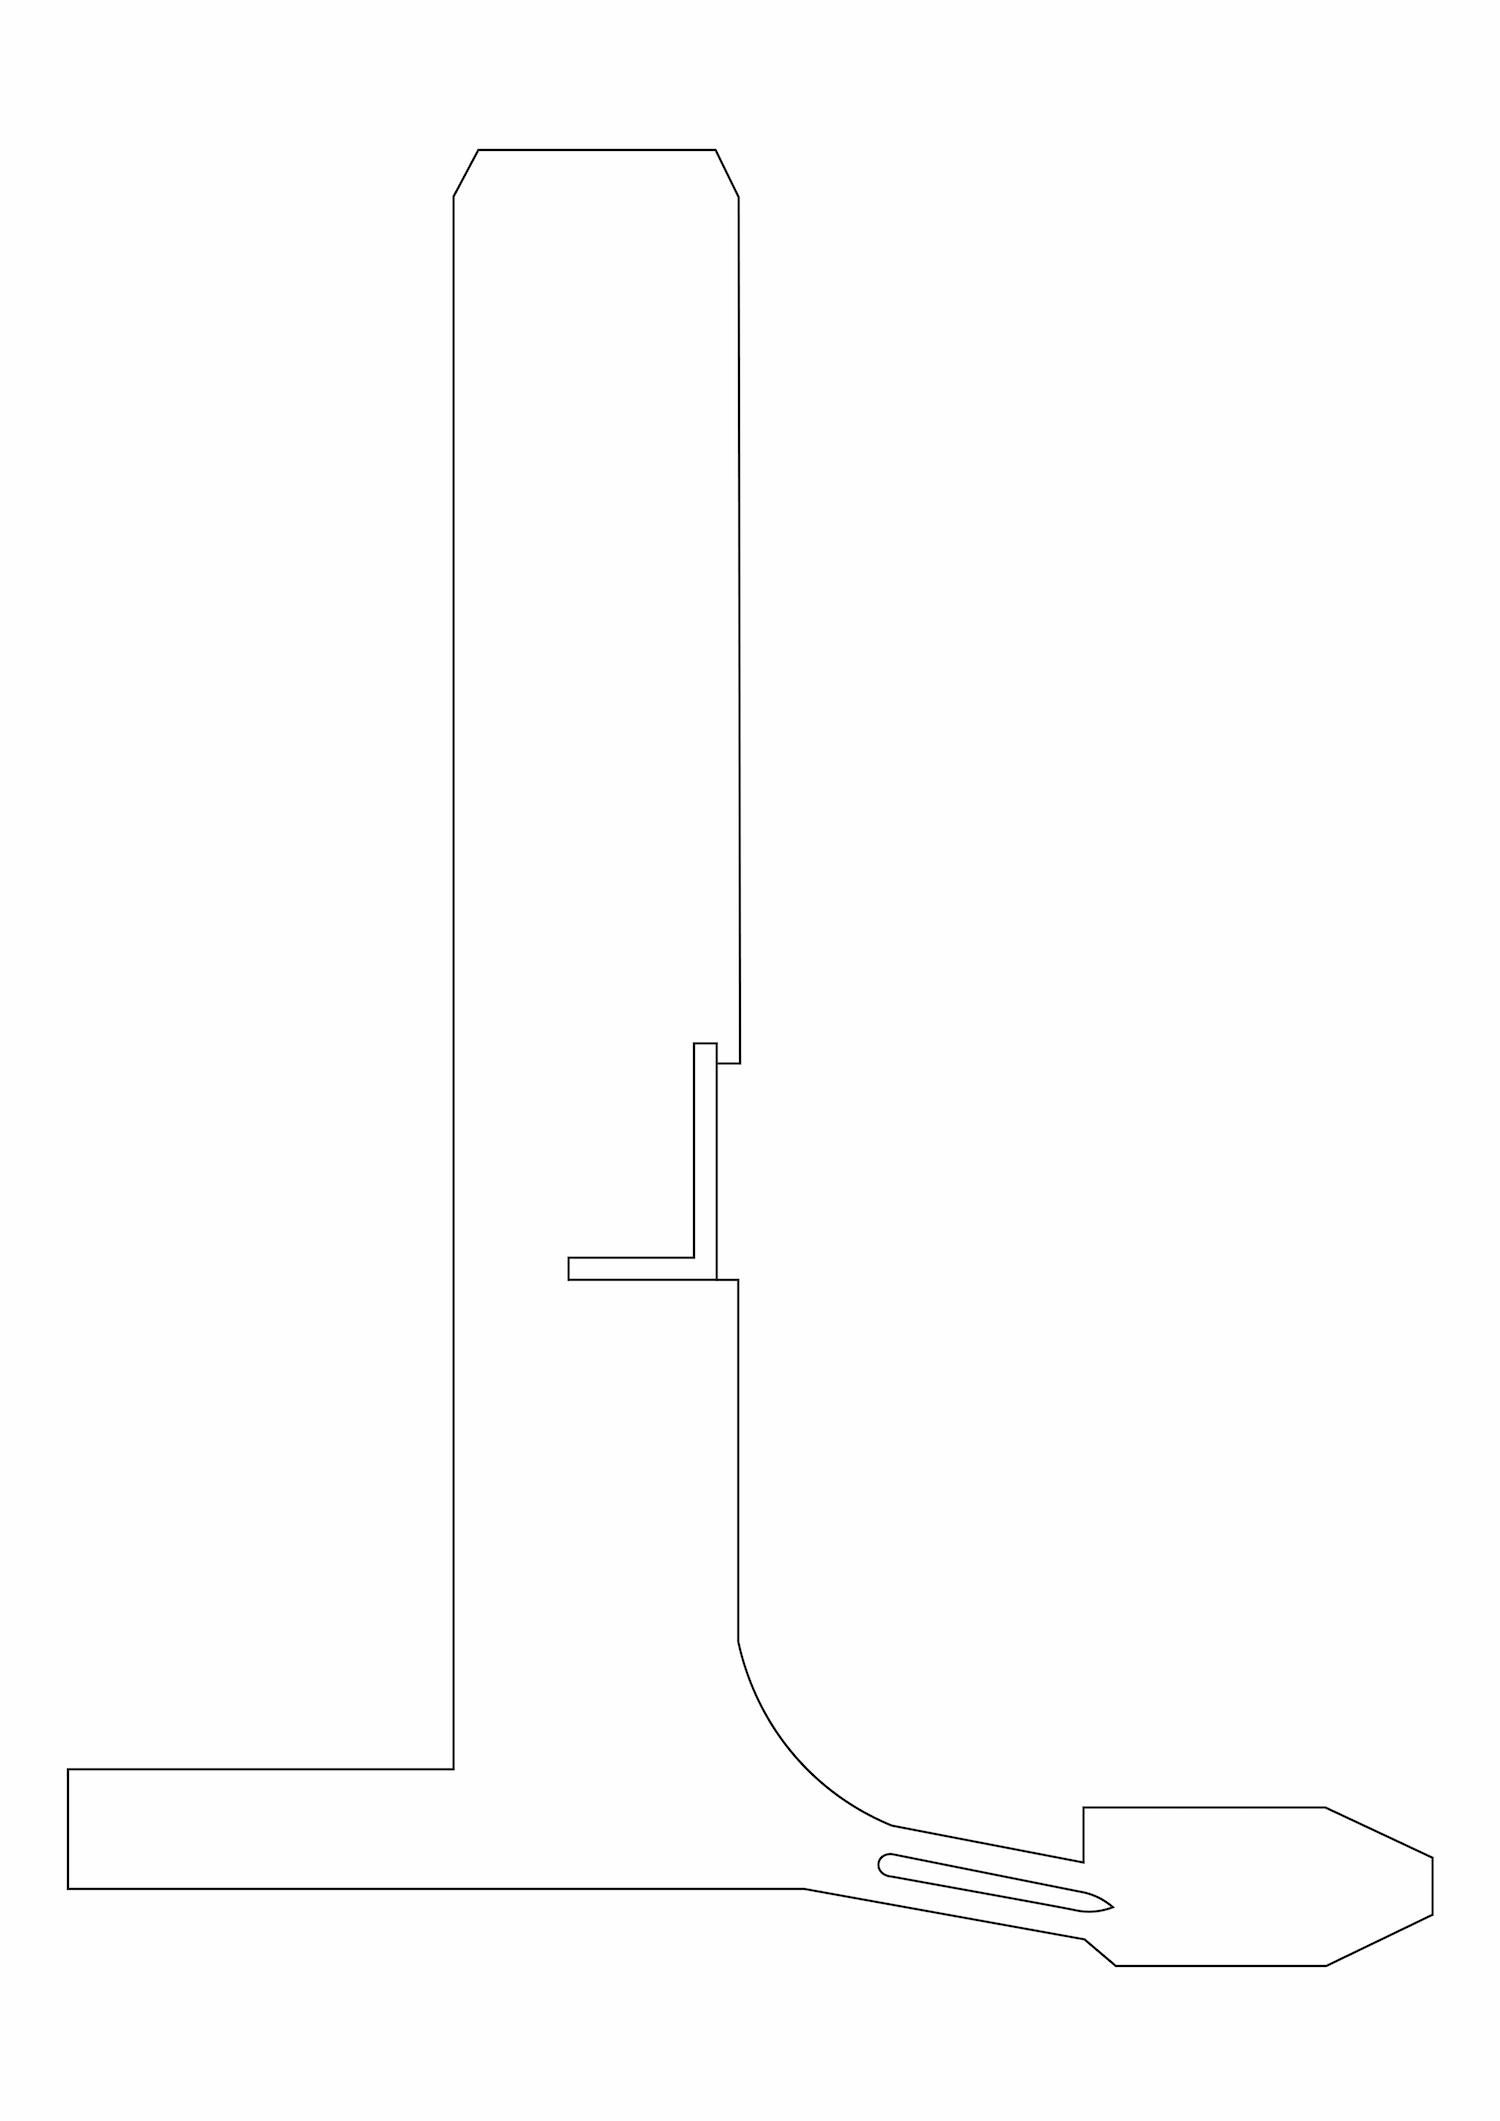 22_Zeichenfläche 1.jpg